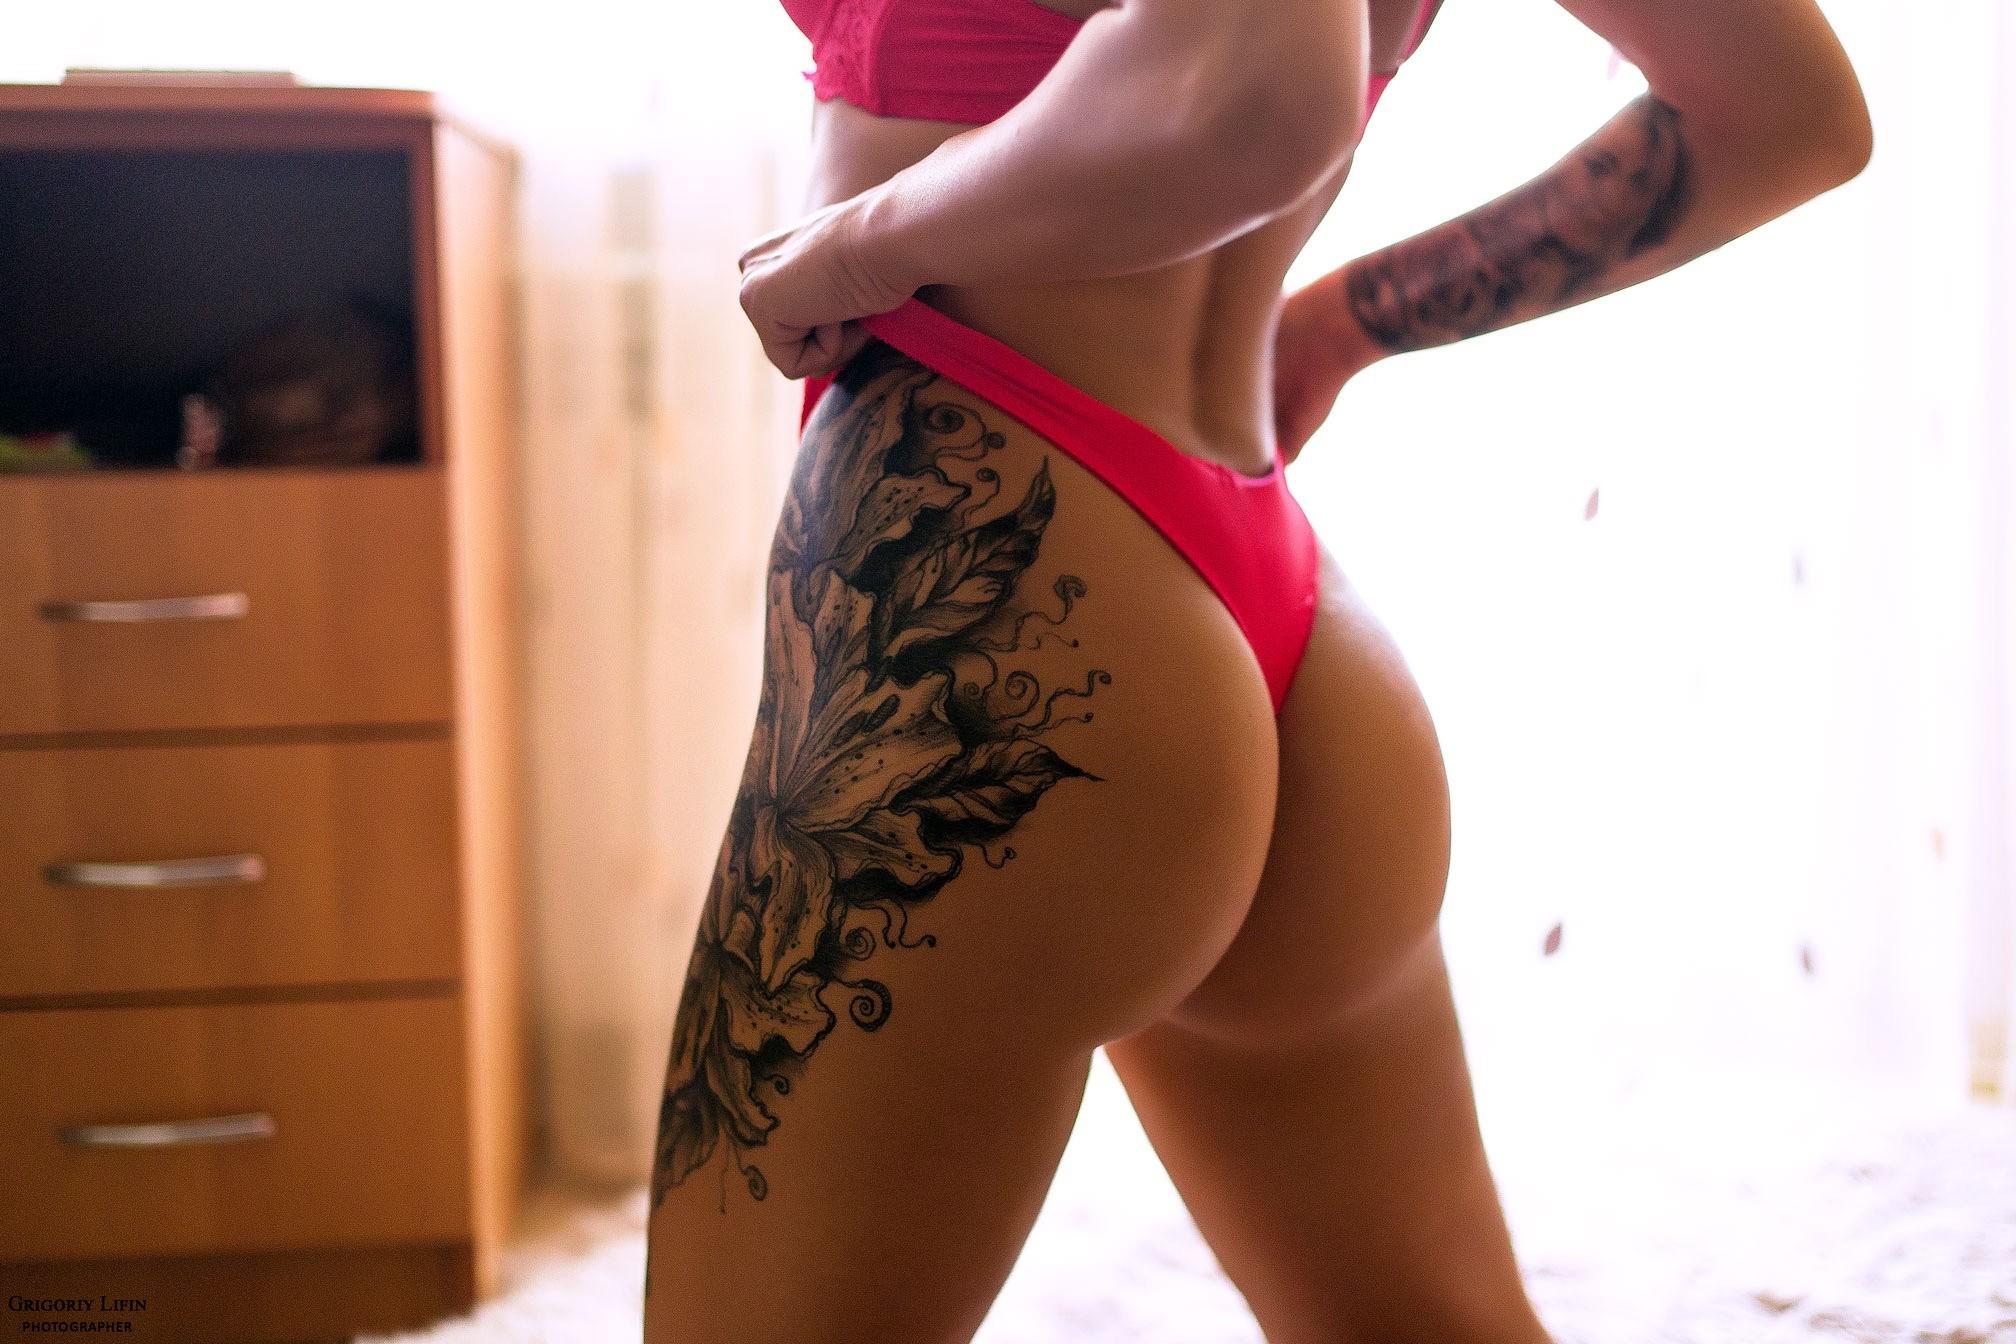 erotic tattoo